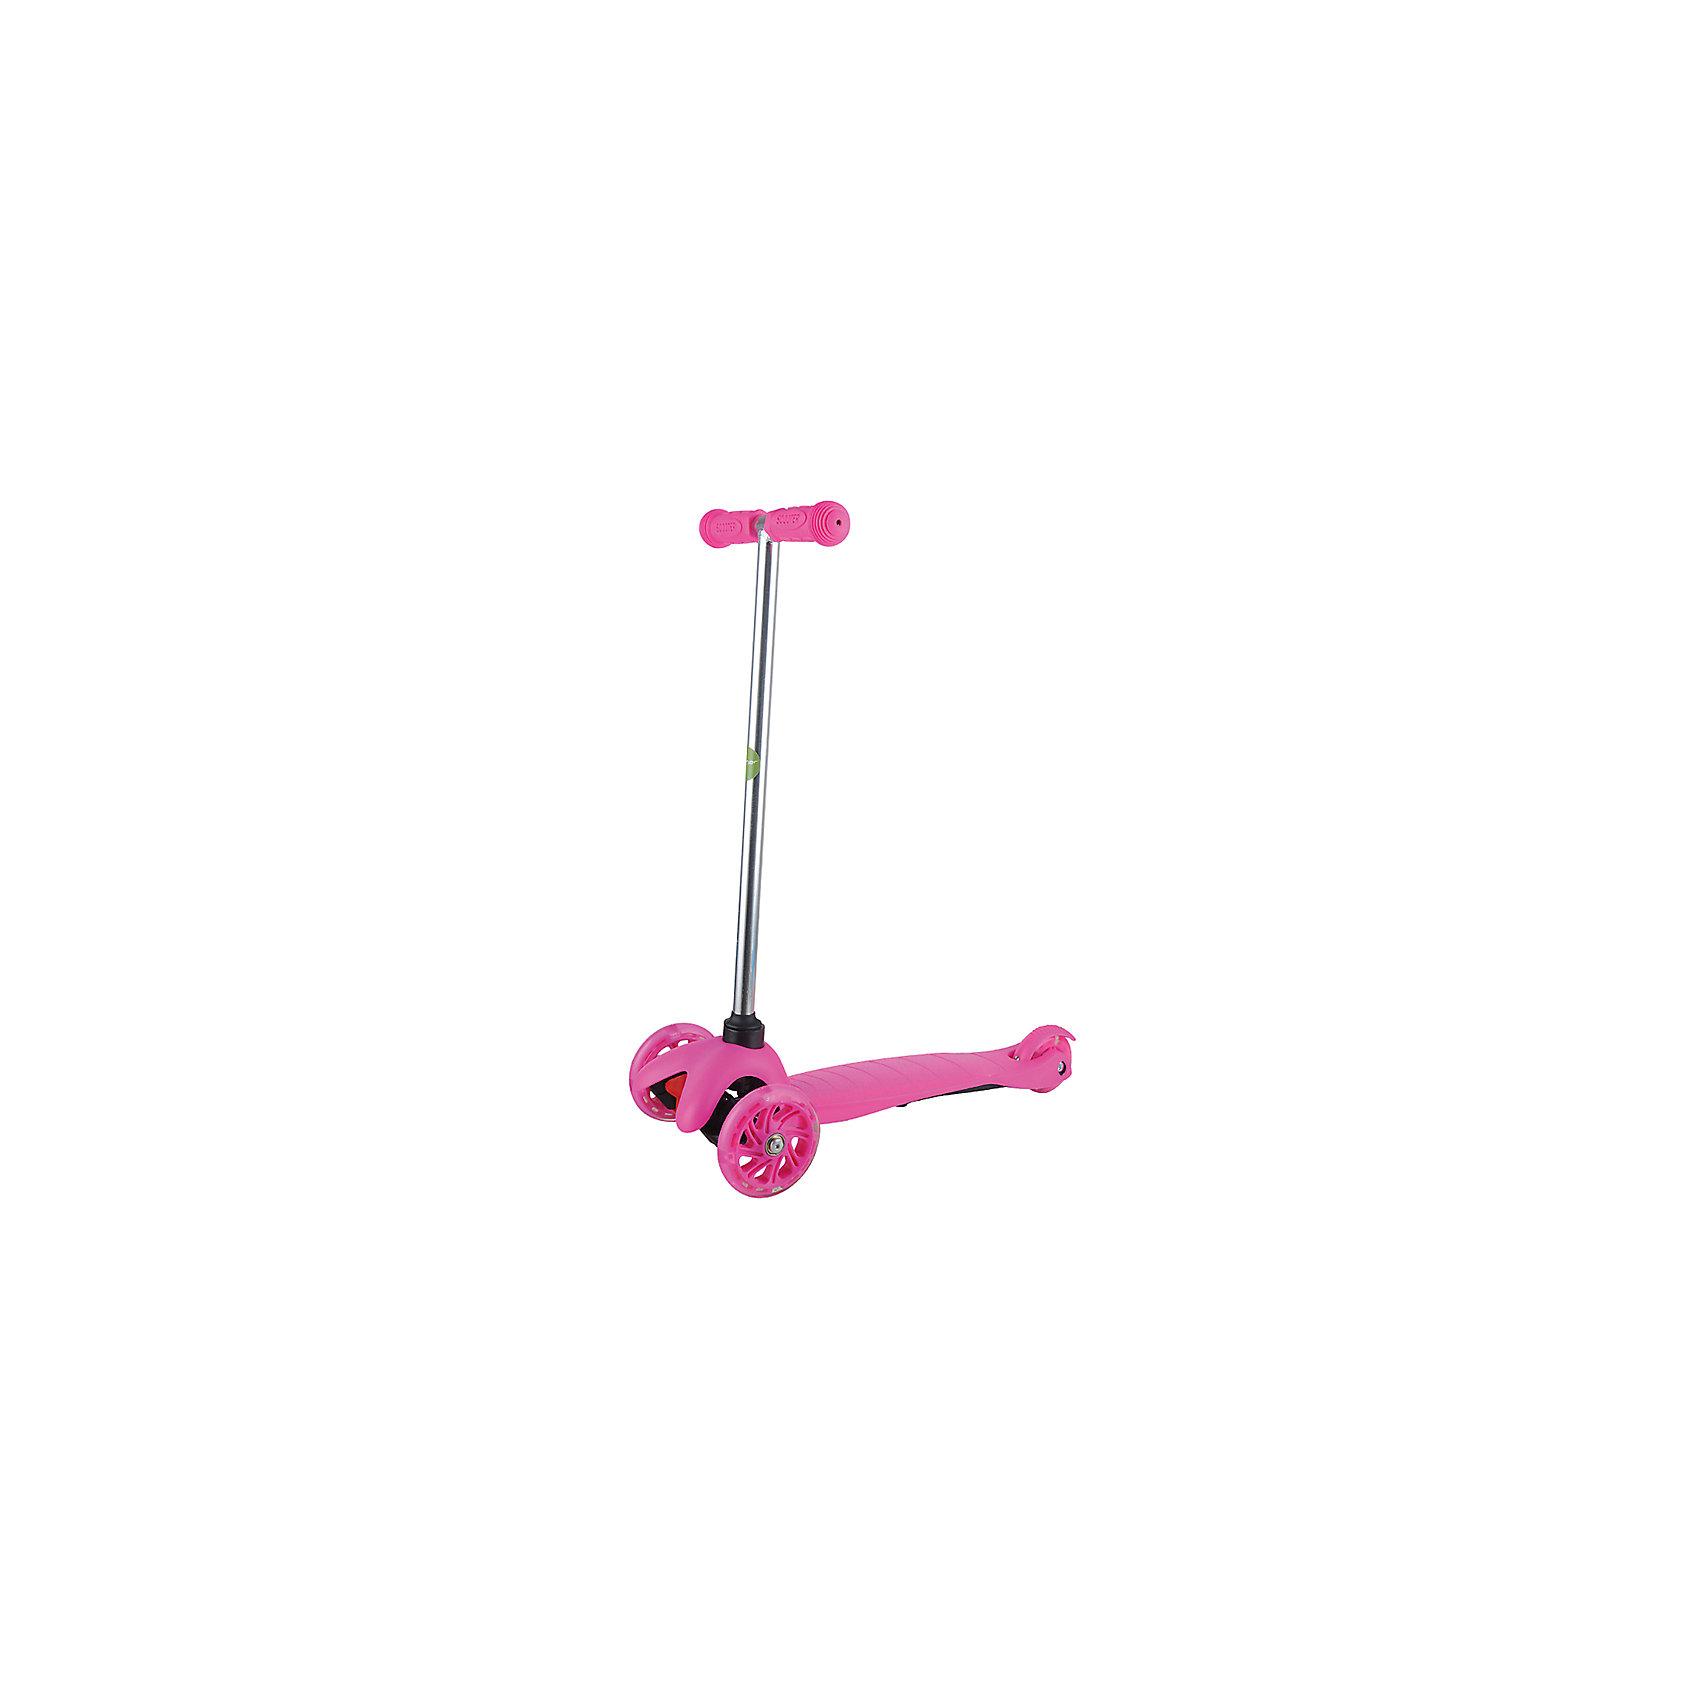 Самокат ZL-66, розовый, ZilmerСамокаты<br>Характеристики товара:<br><br>• возраст от 3 лет;<br>• материал: алюминий, пластик, сталь;<br>• в комплекте: самокат, шестигранные ключи, инструкция;<br>• максимальная нагрузка до 50 кг;<br>• материал колес: полиуретан;<br>• диаметр передних колес 11 см, заднего колеса 7,8 см;<br>• размер самоката 54х25х66 см;<br>• размер упаковки 56х14х19 см;<br>• вес упаковки 2,6 кг;<br>• страна производитель: Китай.<br><br>Самокат ZL-66 Zilmer розовый позволит активно провести время на прогулке. Катание на самокате развивает координацию движений, учит держать равновесие. 2 передних колеса придают хорошей устойчивости, позволяют легко учиться держать равновесие. Платформа самоката выполнена из прочного пластика и имеет рифленую поверхность, препятствующую соскальзывание во время езды. <br><br>Удобный руль обеспечивает комфортное управление. Прорезиненные накладки на ручках не дают ладошкам соскальзывать при движении. Колеса выполнены из износостойкого долговечного полиуретана. Главное преимущество модели — светящиеся колеса во время катания.<br><br>Самокат ZL-66 Zilmer розовый можно приобрести в нашем интернет-магазине.<br><br>Ширина мм: 560<br>Глубина мм: 140<br>Высота мм: 190<br>Вес г: 2600<br>Цвет: розовый<br>Возраст от месяцев: 36<br>Возраст до месяцев: 72<br>Пол: Унисекс<br>Возраст: Детский<br>SKU: 5610981